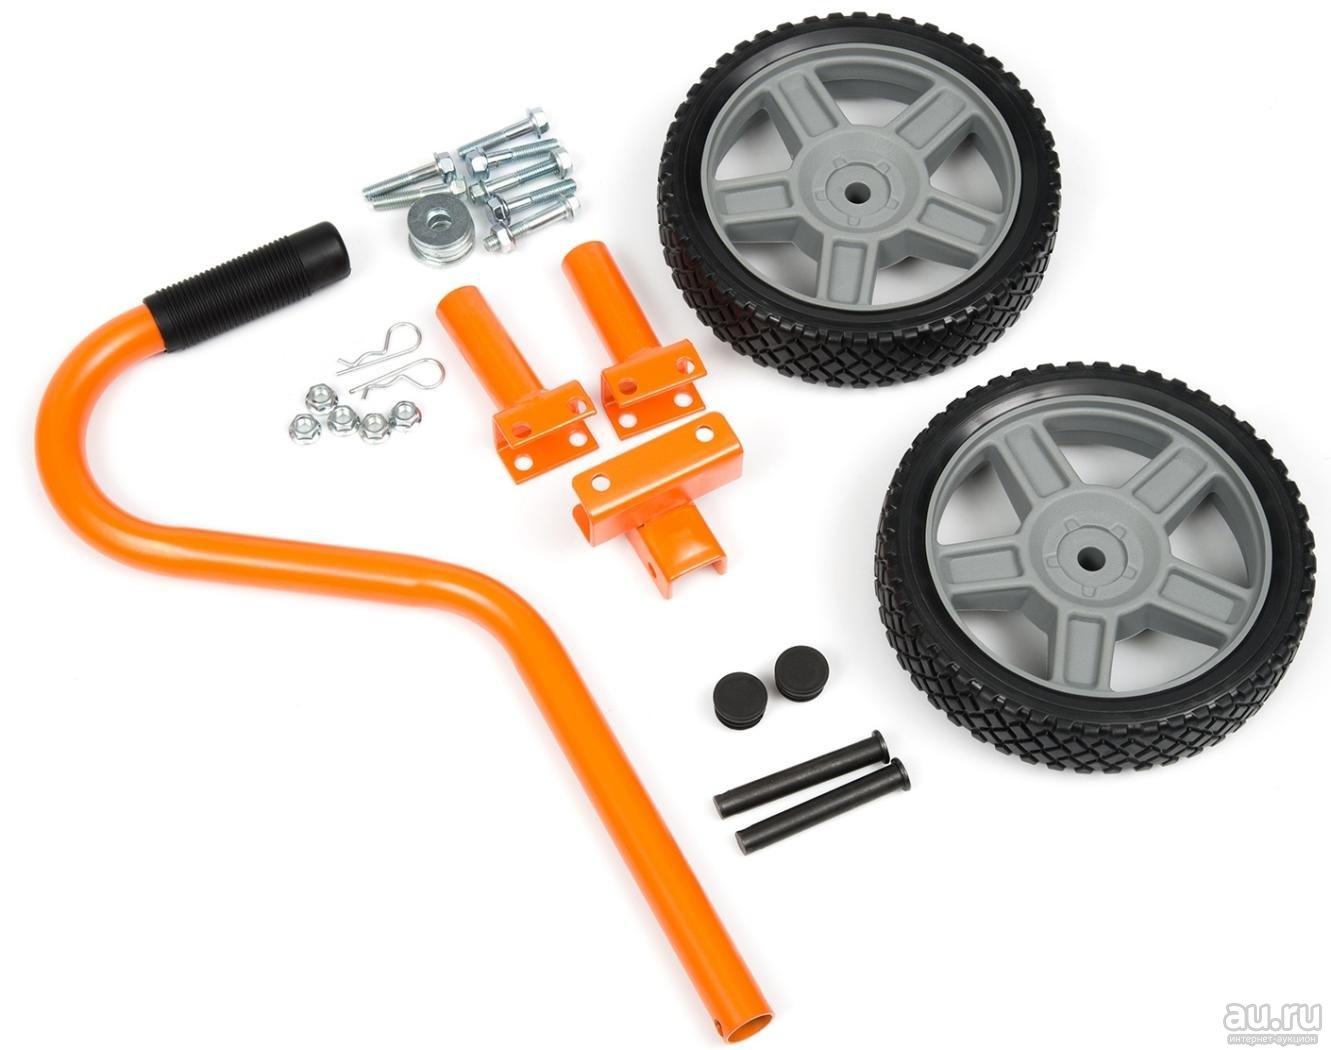 Комплект колес для генераторов ECT 7000 в Щелковое